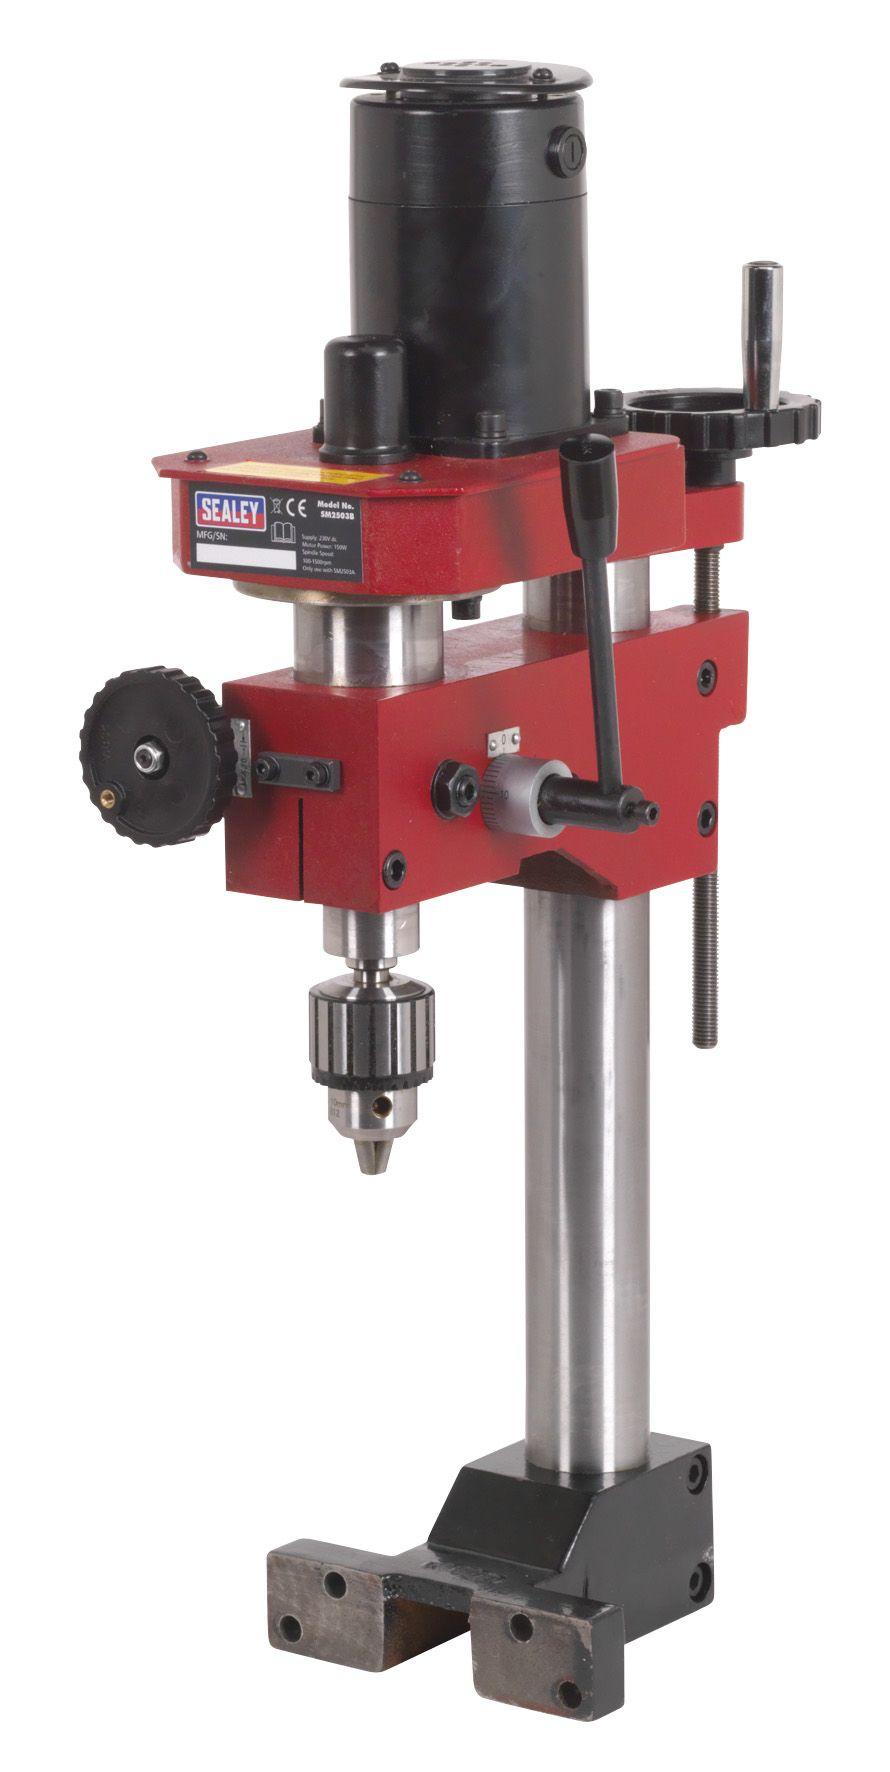 Sealey Drill Head for Mini Lathe SM2503A